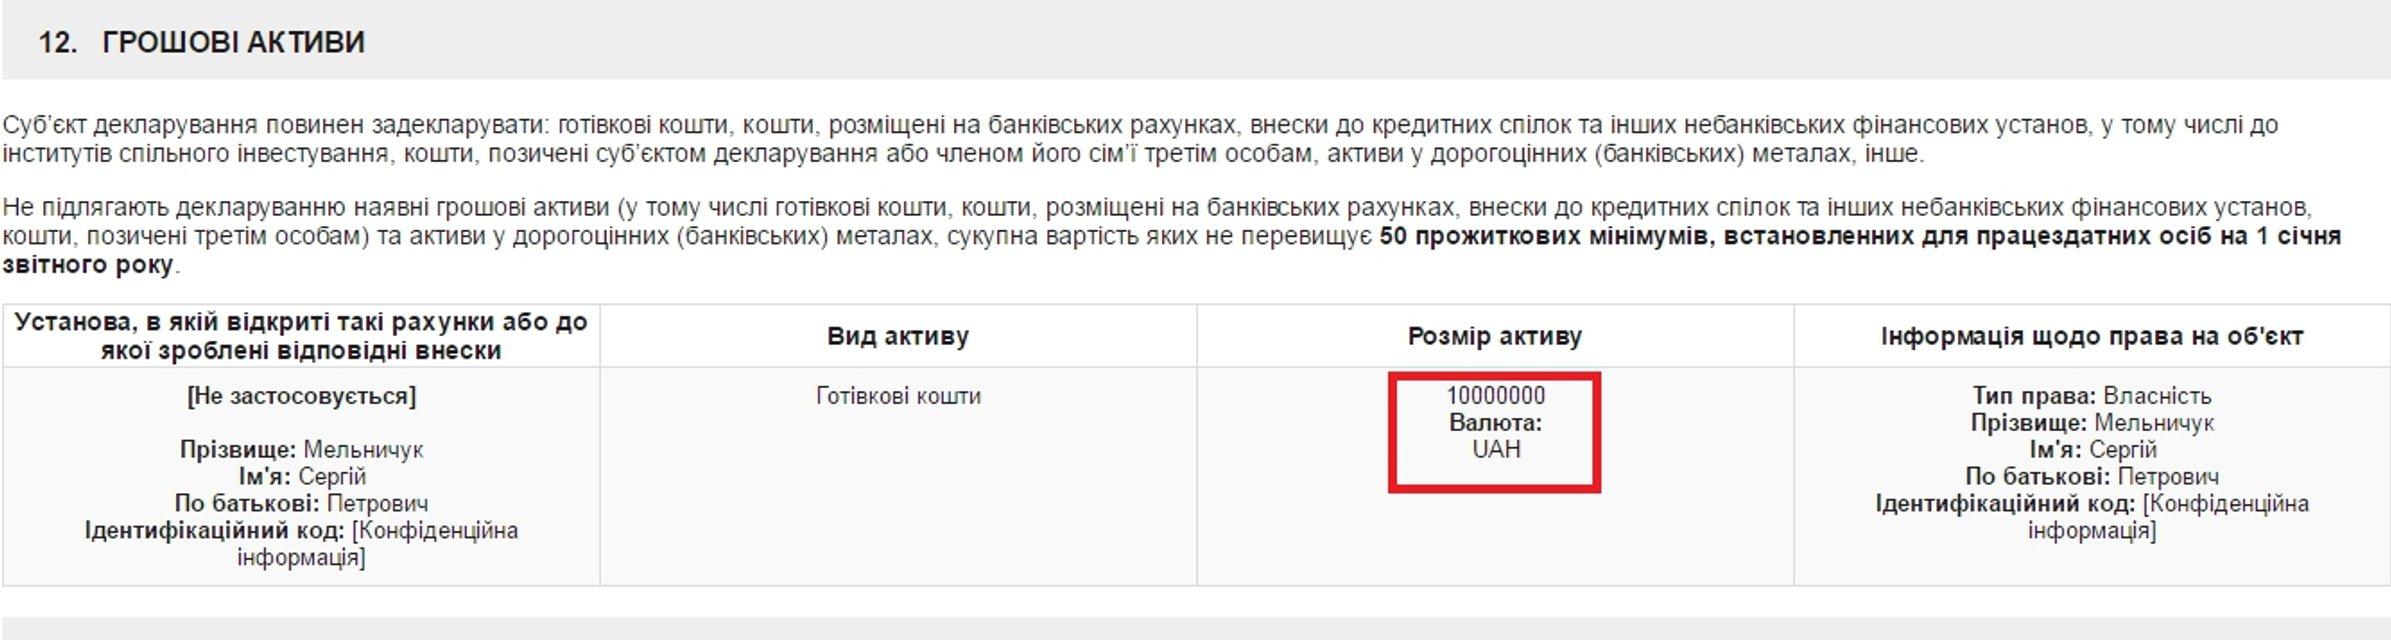 Нардеп, задекларировавший триллион гривен, внес изменения в е-декларацию - фото 34872